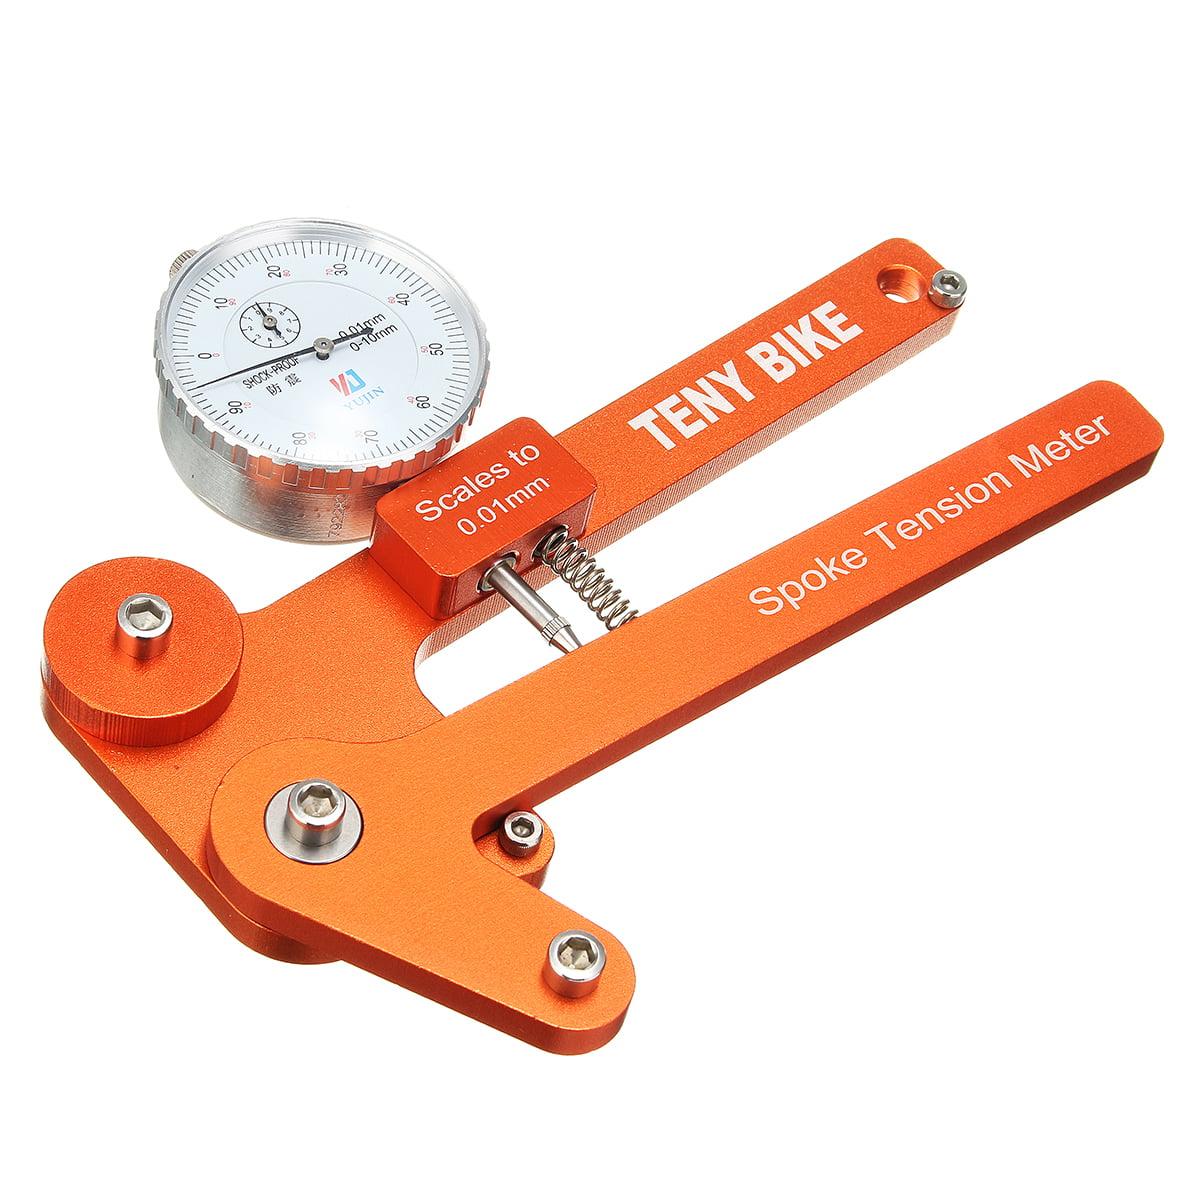 Mechanical//Electronic Bike Spoke Tension Meter Bicycle Wheel Builders Gauge Tool